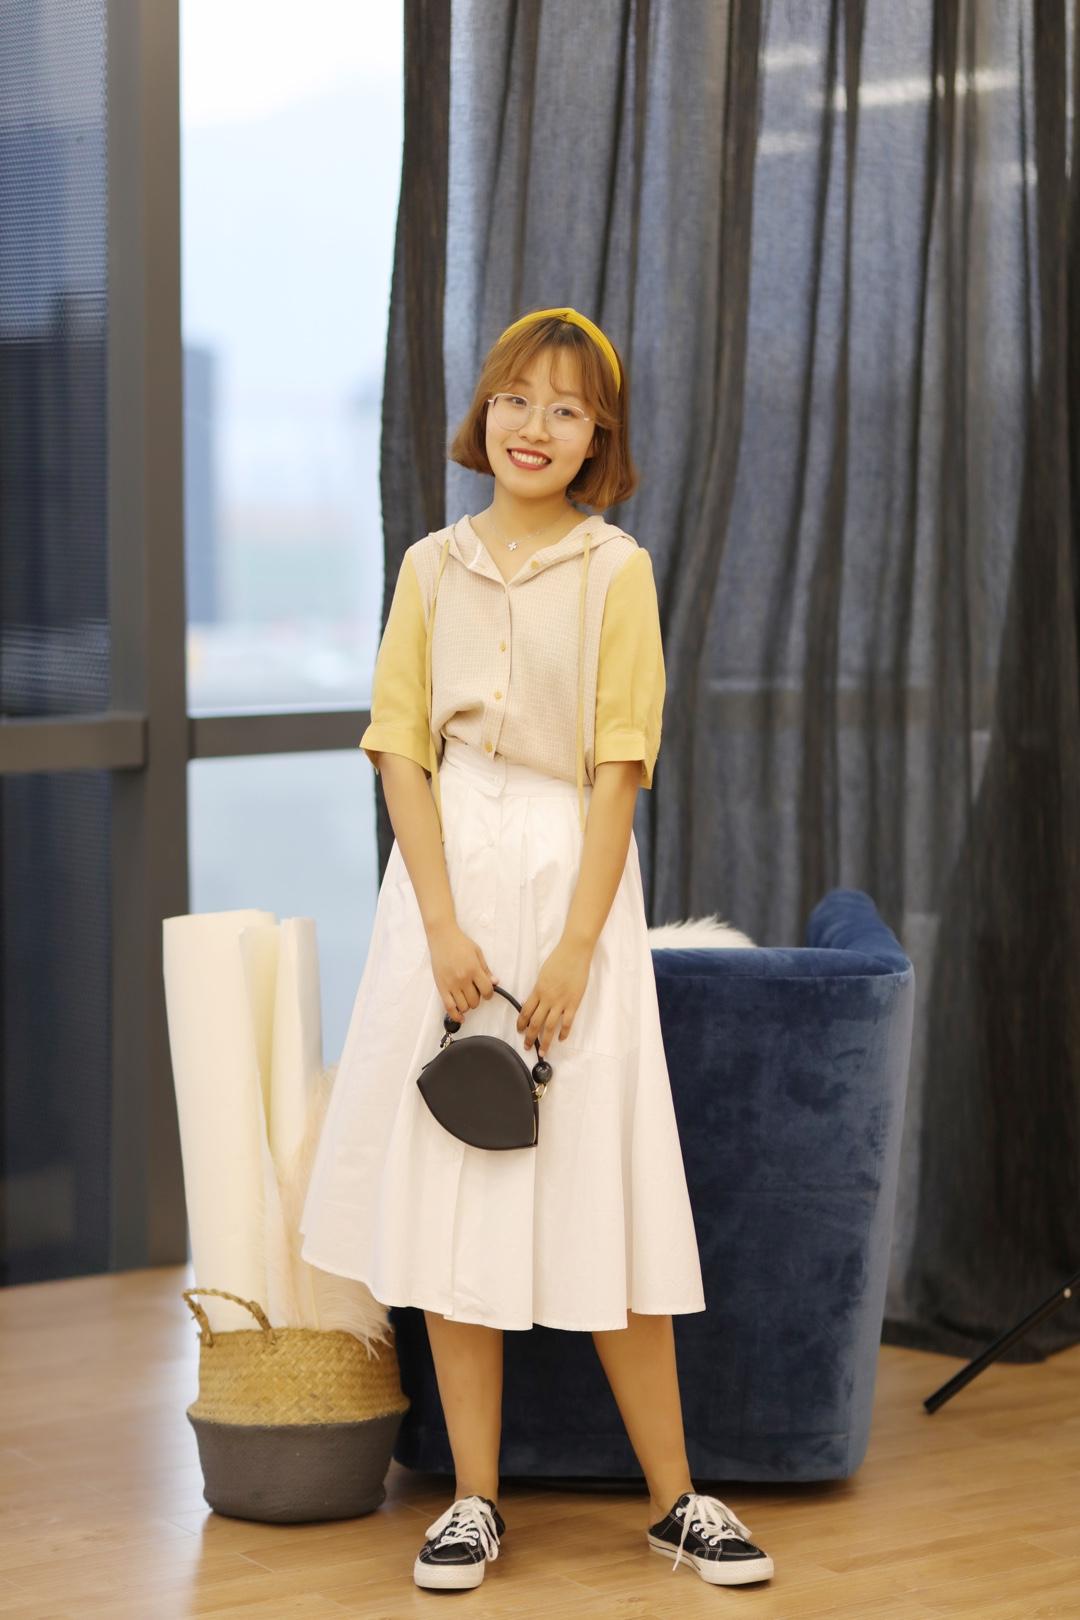 #好天气,就该穿得美美出去踏春!#  💛这件上衣就是很学生风的那种,很显嫩哇! 💛搭个白色半身裙, 有点儿八九十年代大学生校服的感觉~ 不过真的很美~ 就是现在穿着上学都很ok的! 💛一身颜色都比较浅, 所以小黑用了一双黑色鞋子来搭配! 如果还是白色鞋子的话就太素了, 有个颜色对比~ 💛包包和鞋子做个颜色呼应哦~ 要不然黑鞋还是会有点儿突兀的!